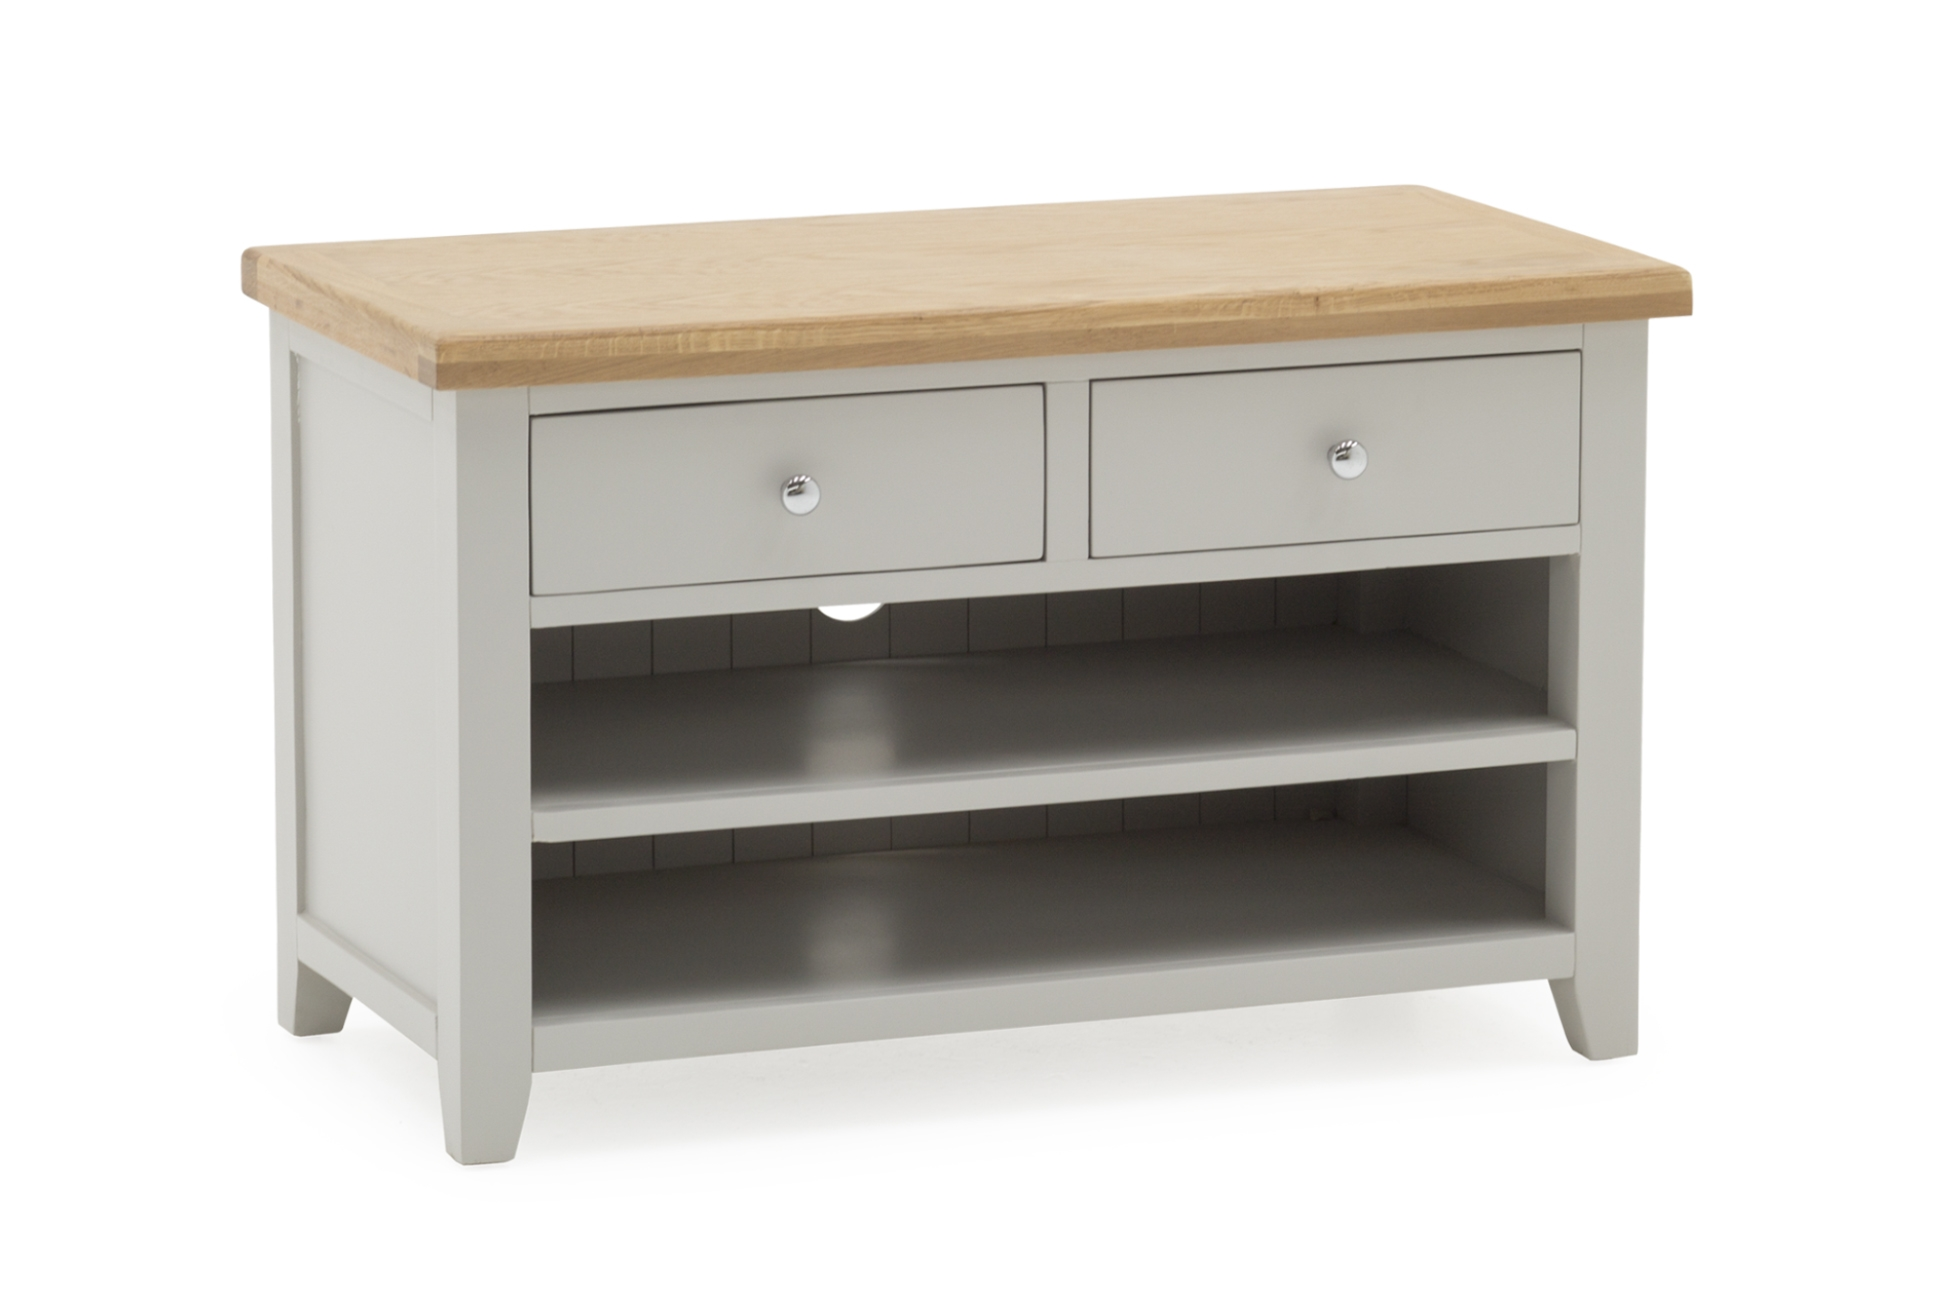 Comoda TV din lemn de pin si MDF cu 2 sertare Ferndale Grey / Oak l89xA44xH55 cm